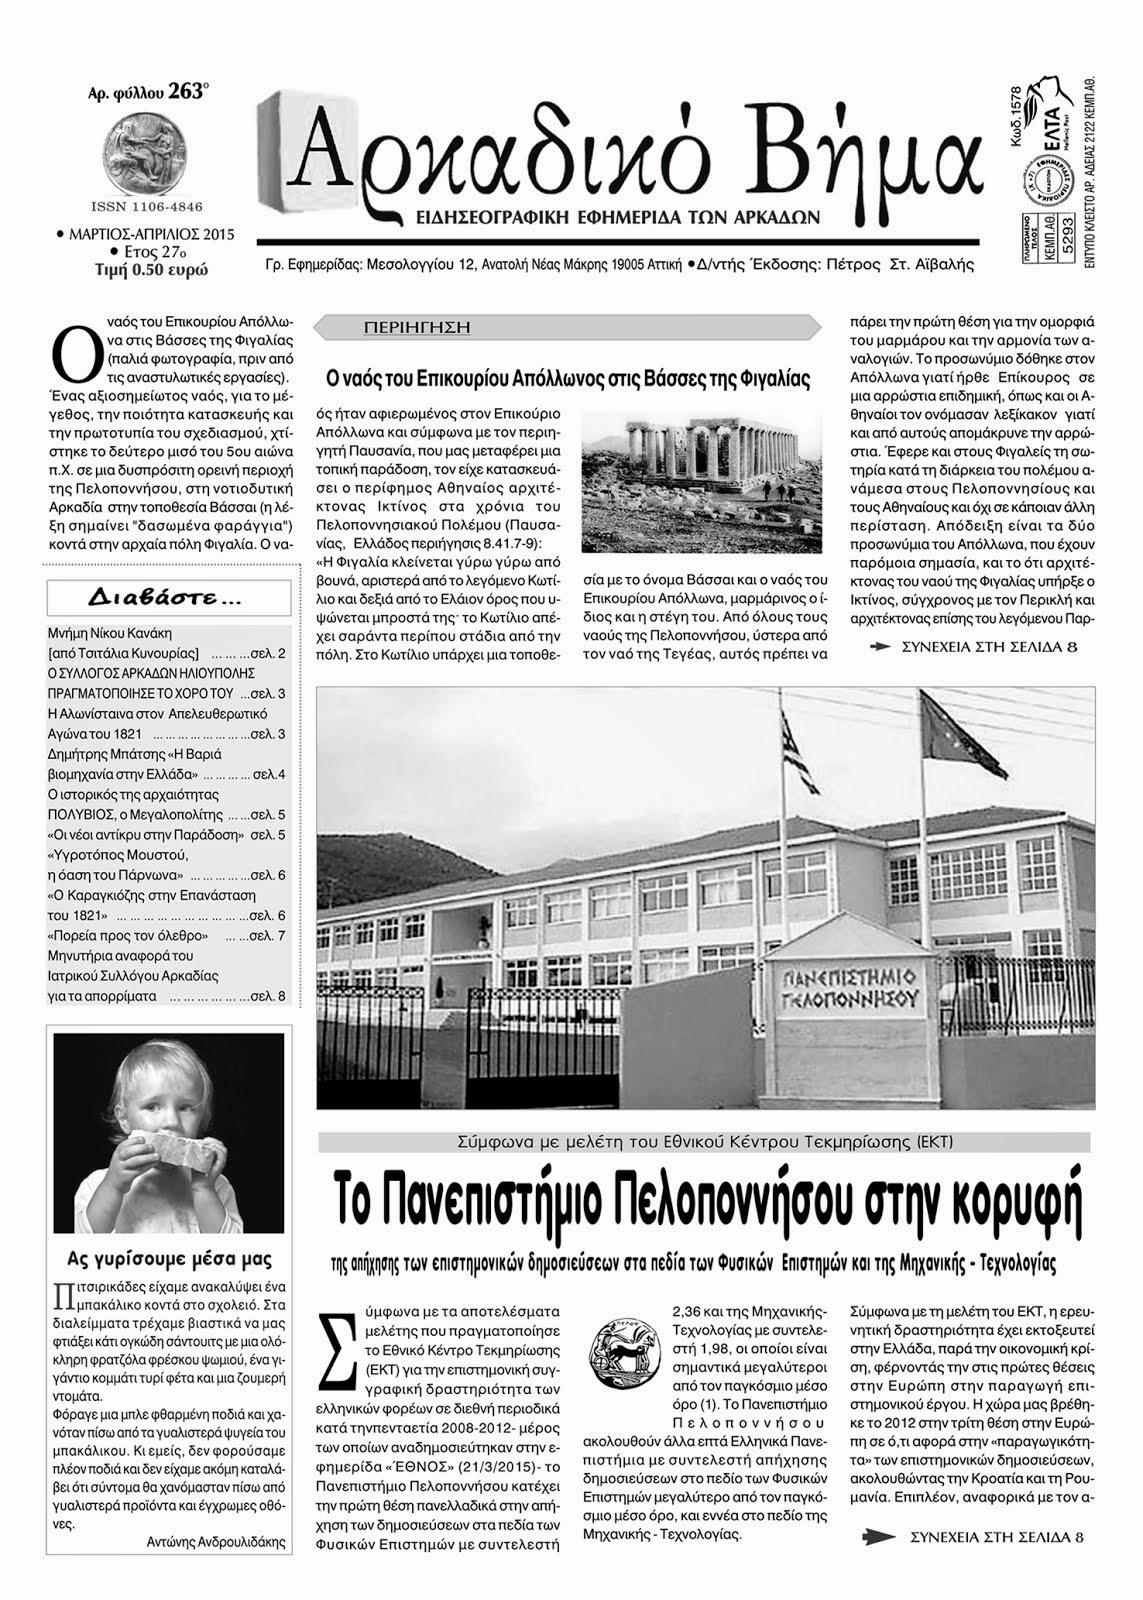 Αρκαδικό Βήμα ειδησεογραφική εφημερίδα των Αρκάδων